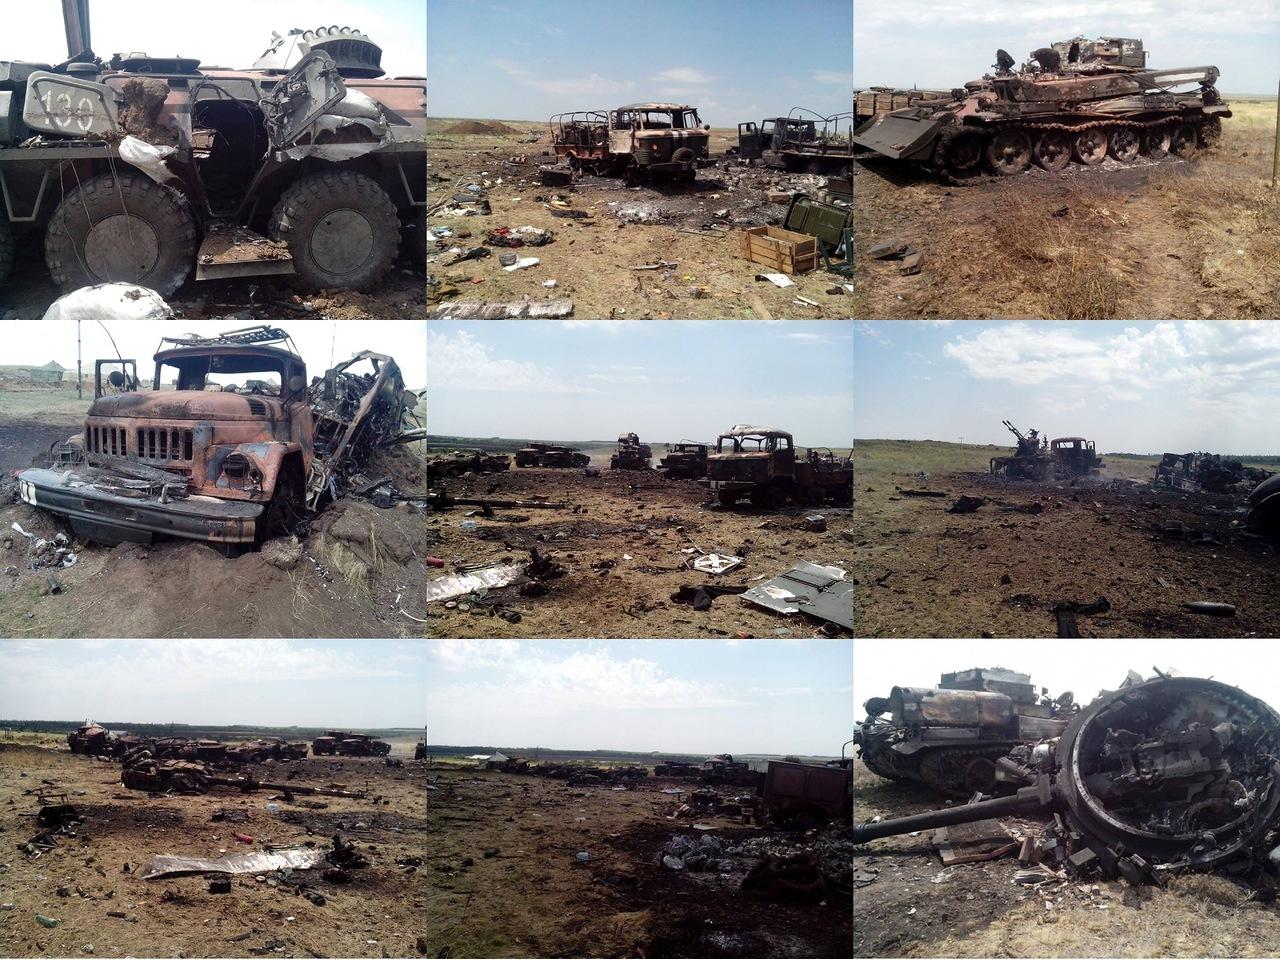 Τα αποτελέσματα προσβολής με πυρά πυροβολικού σε χώρο συγκέντρωσης ουκρανικής Μονάδας